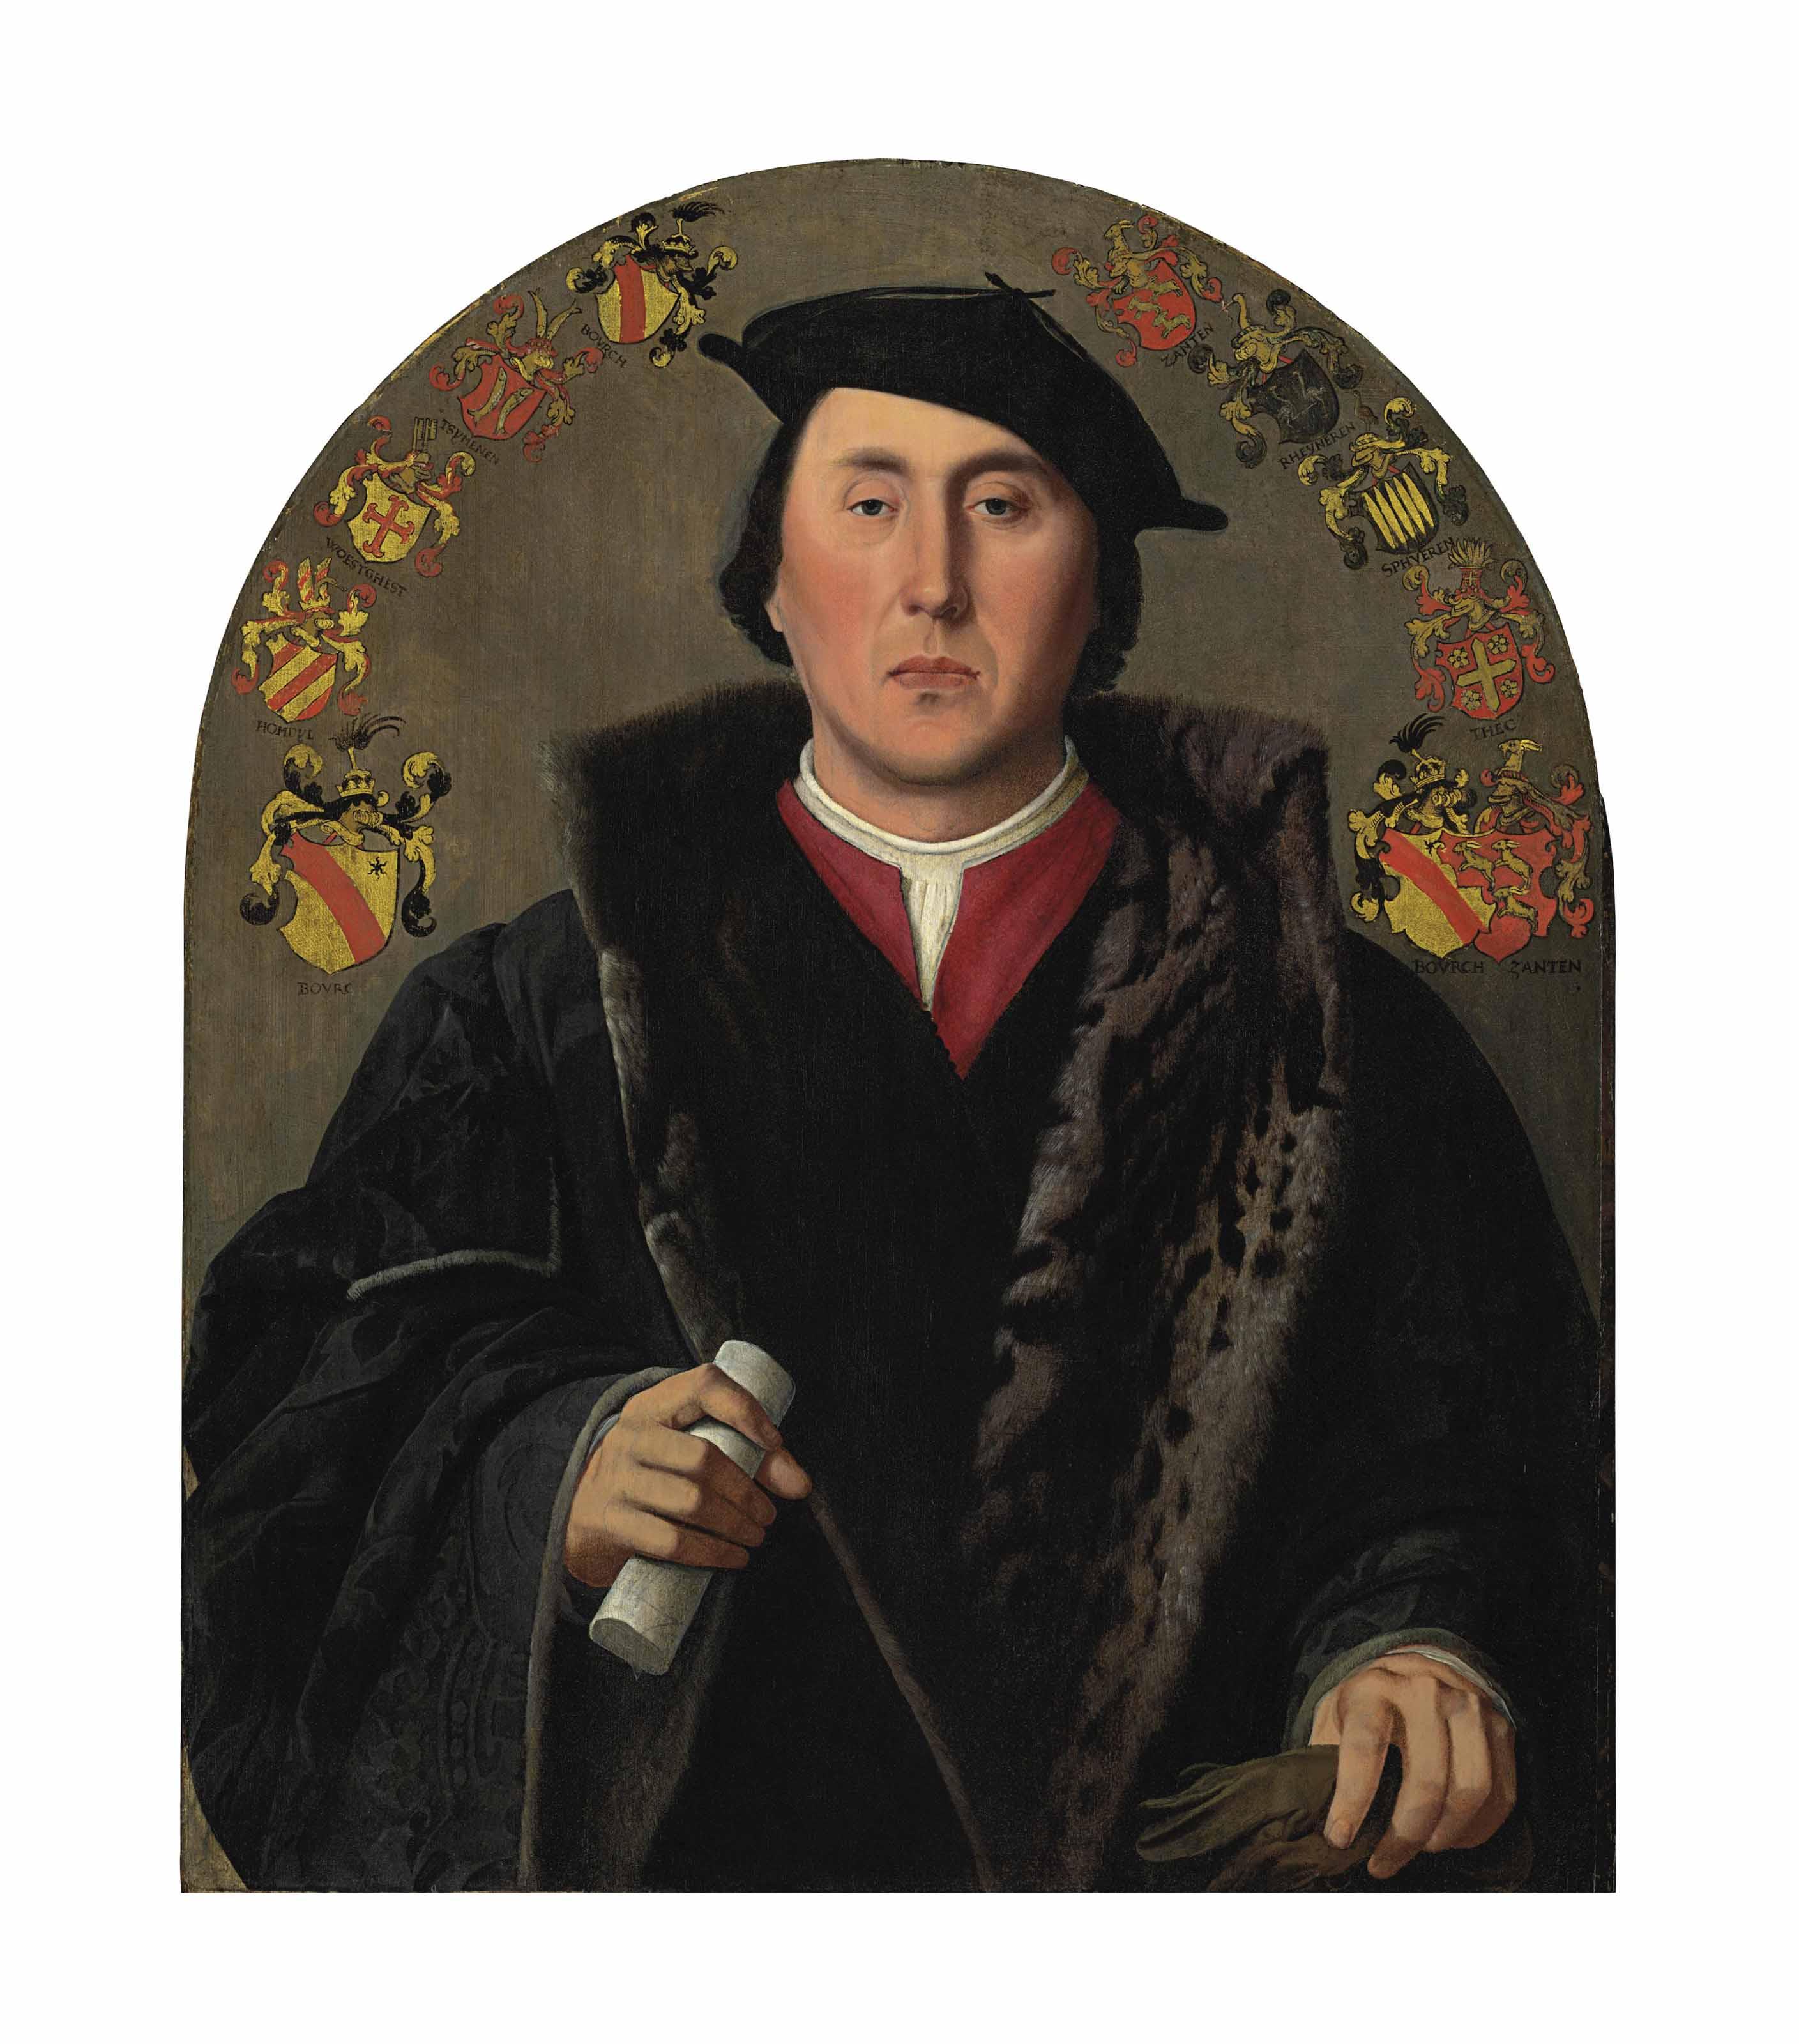 Jan Cornelisz. Vermeyen (Beverwijk c. 1500-c. 1559 Brussels)